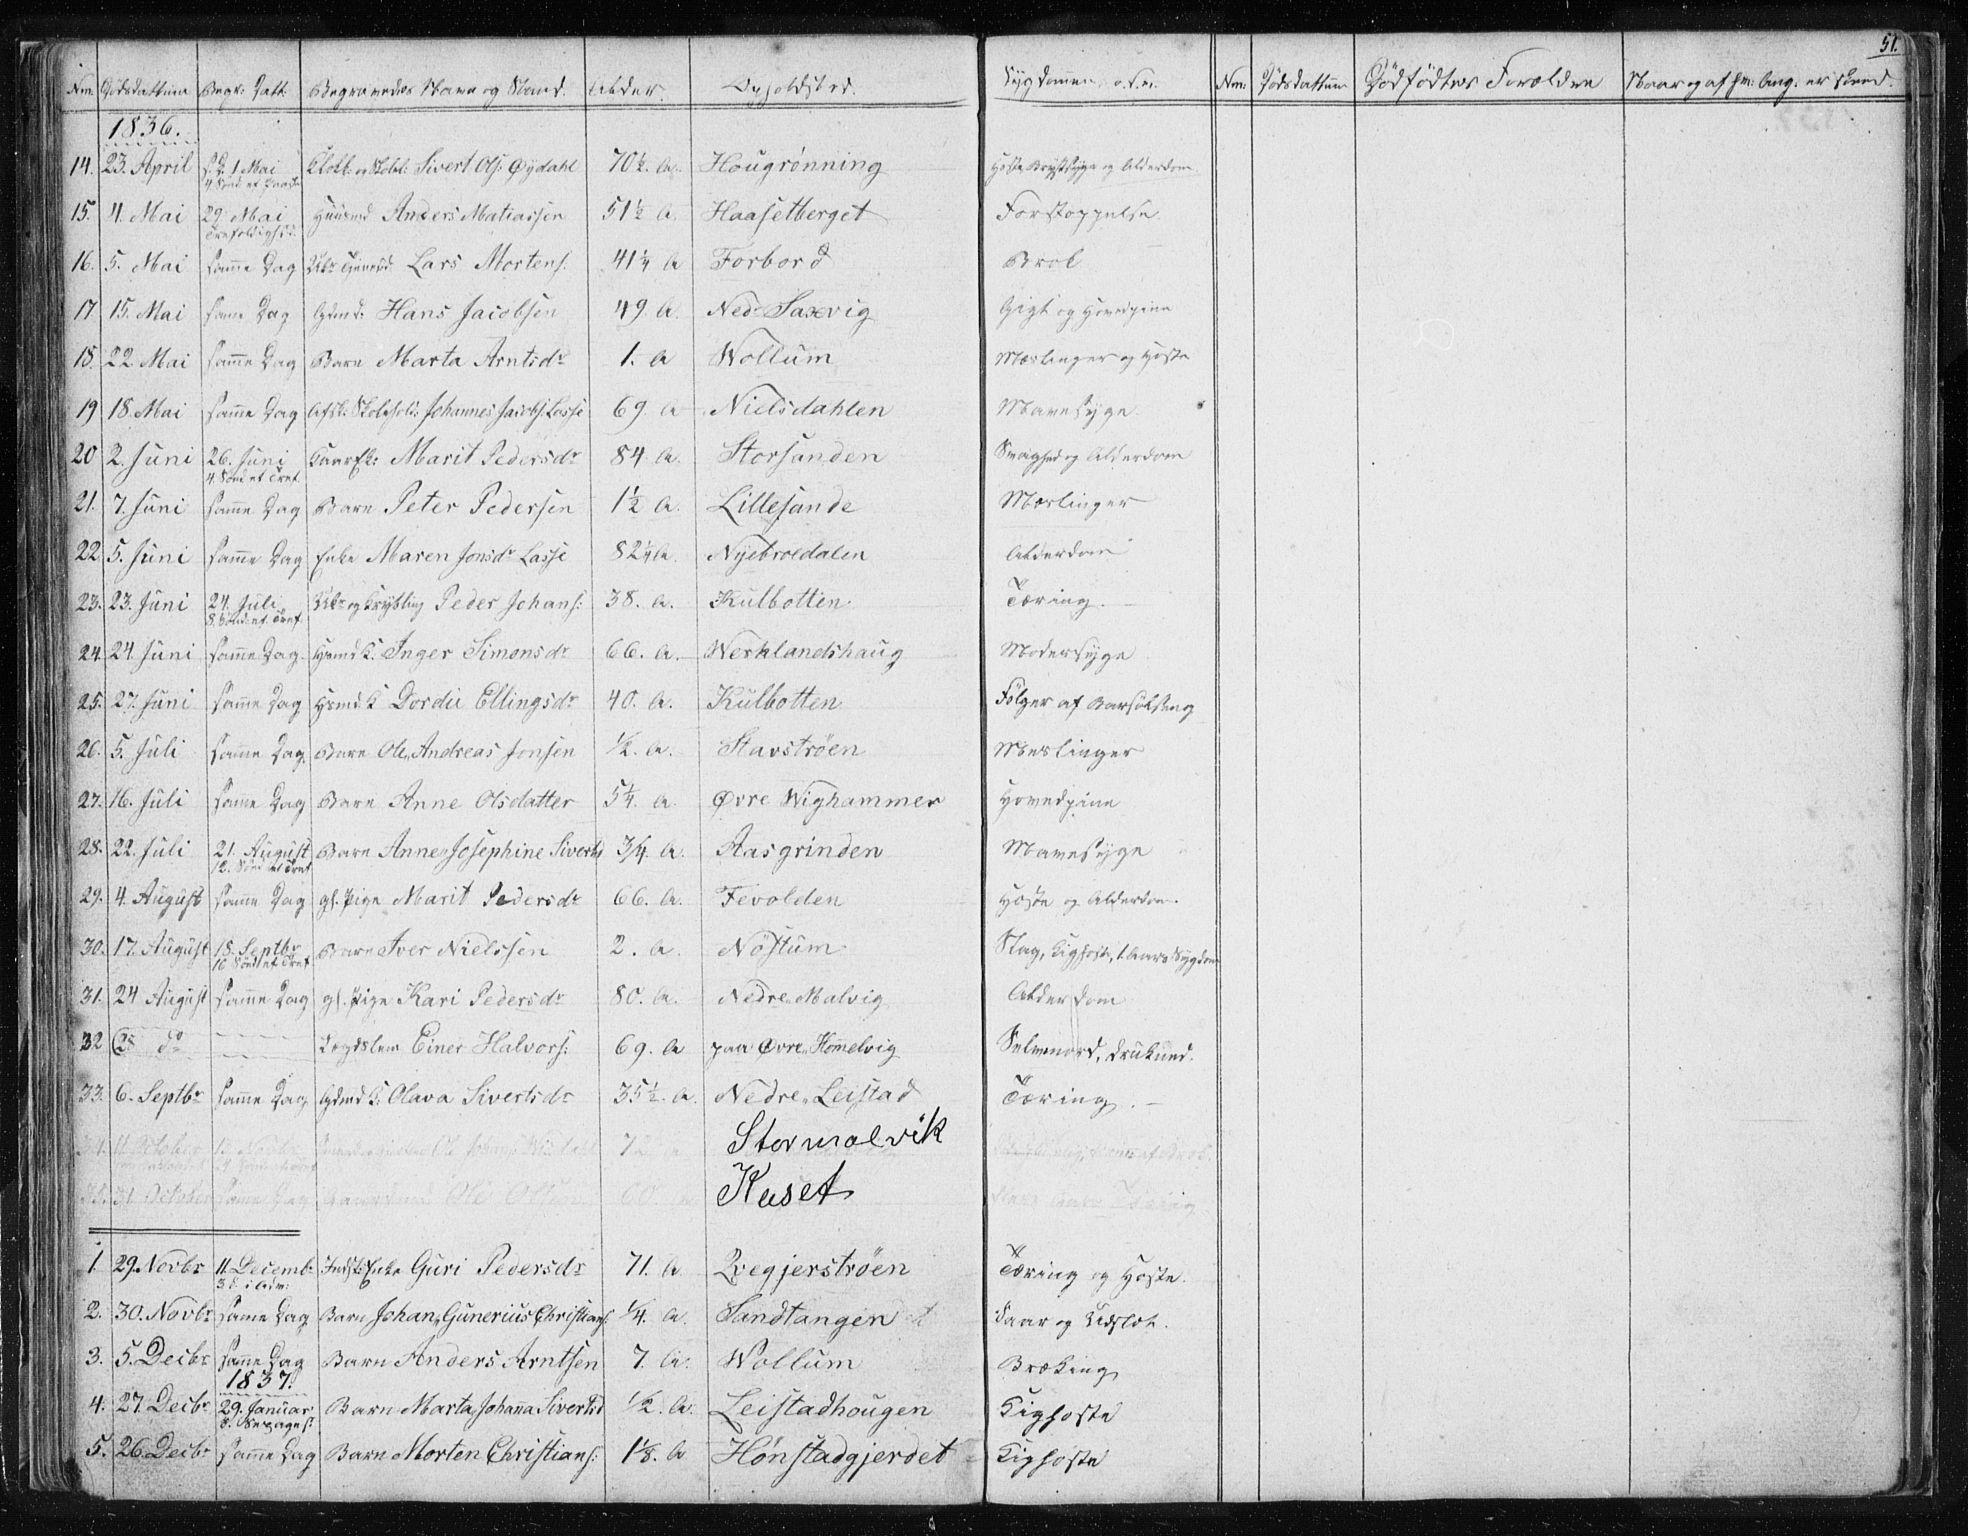 SAT, Ministerialprotokoller, klokkerbøker og fødselsregistre - Sør-Trøndelag, 616/L0405: Ministerialbok nr. 616A02, 1831-1842, s. 51